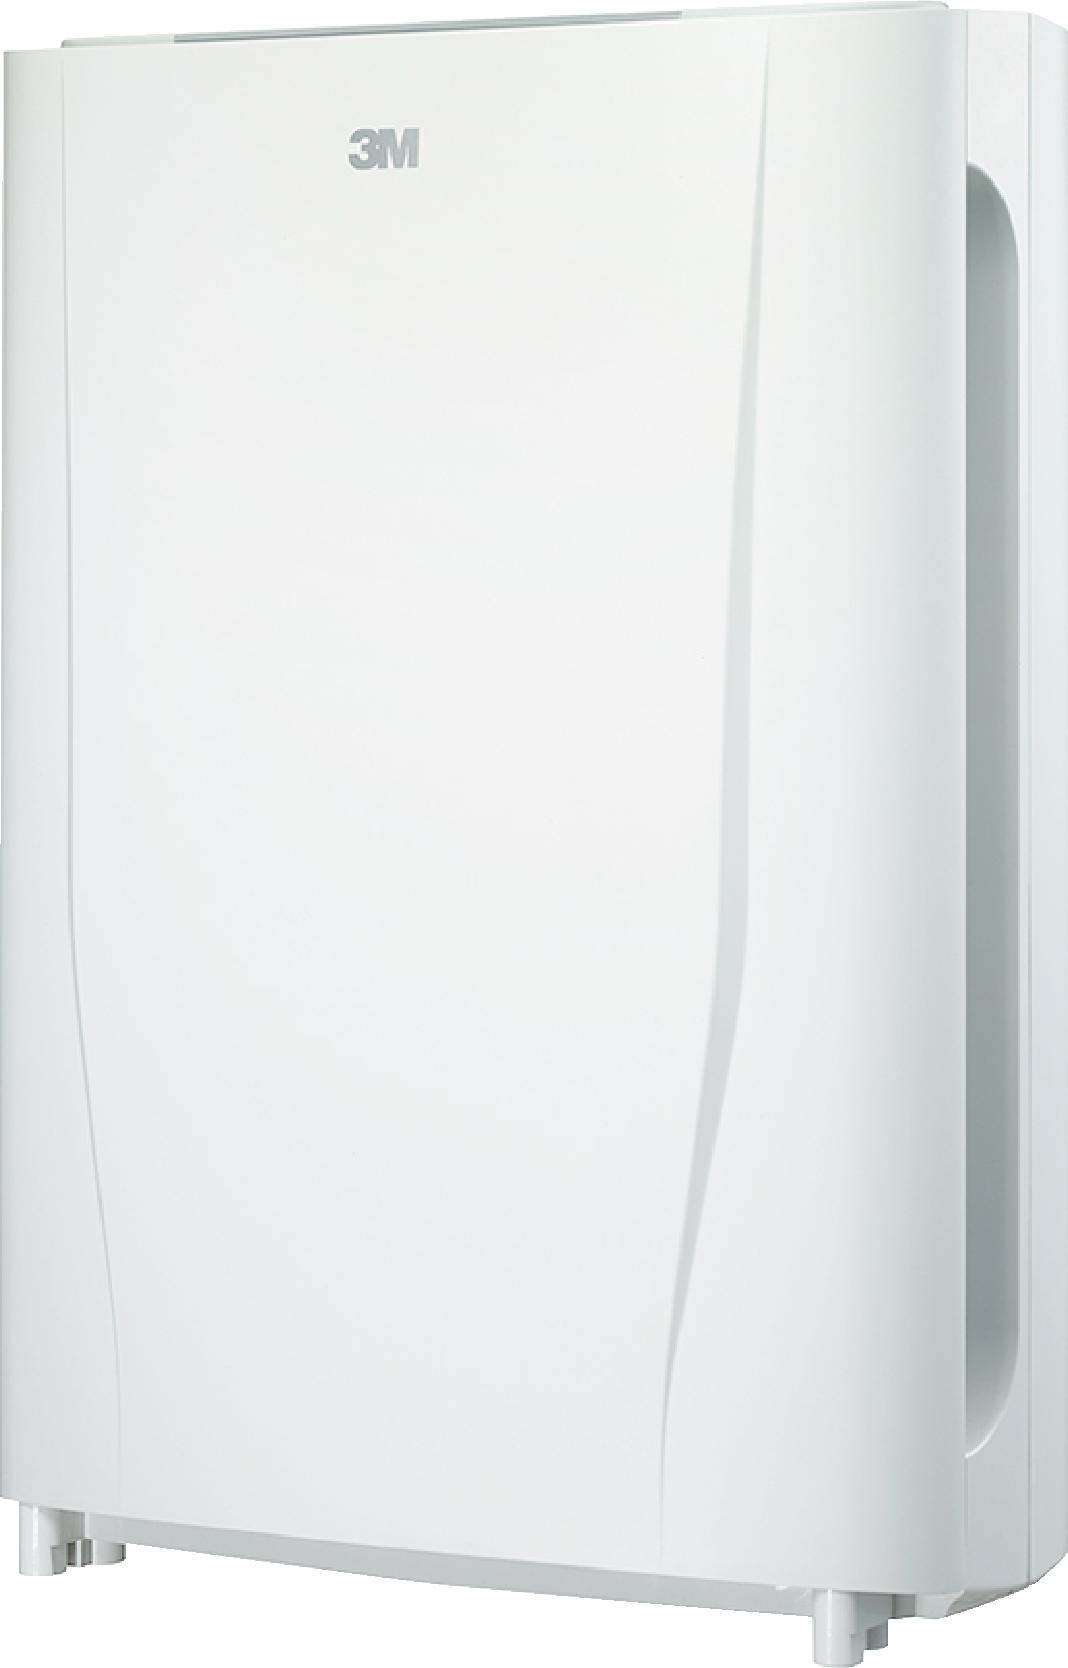 優惠組合! 西瓜籽 3M 淨呼吸負離子空氣清淨機 (適用至7.6-18坪)  FA-B200DC  過敏 去異味 去除PM2.5 防疫 過濾 除塵 低噪音 省電 家人健康 嬰兒 寵物 單人 公寓 小房